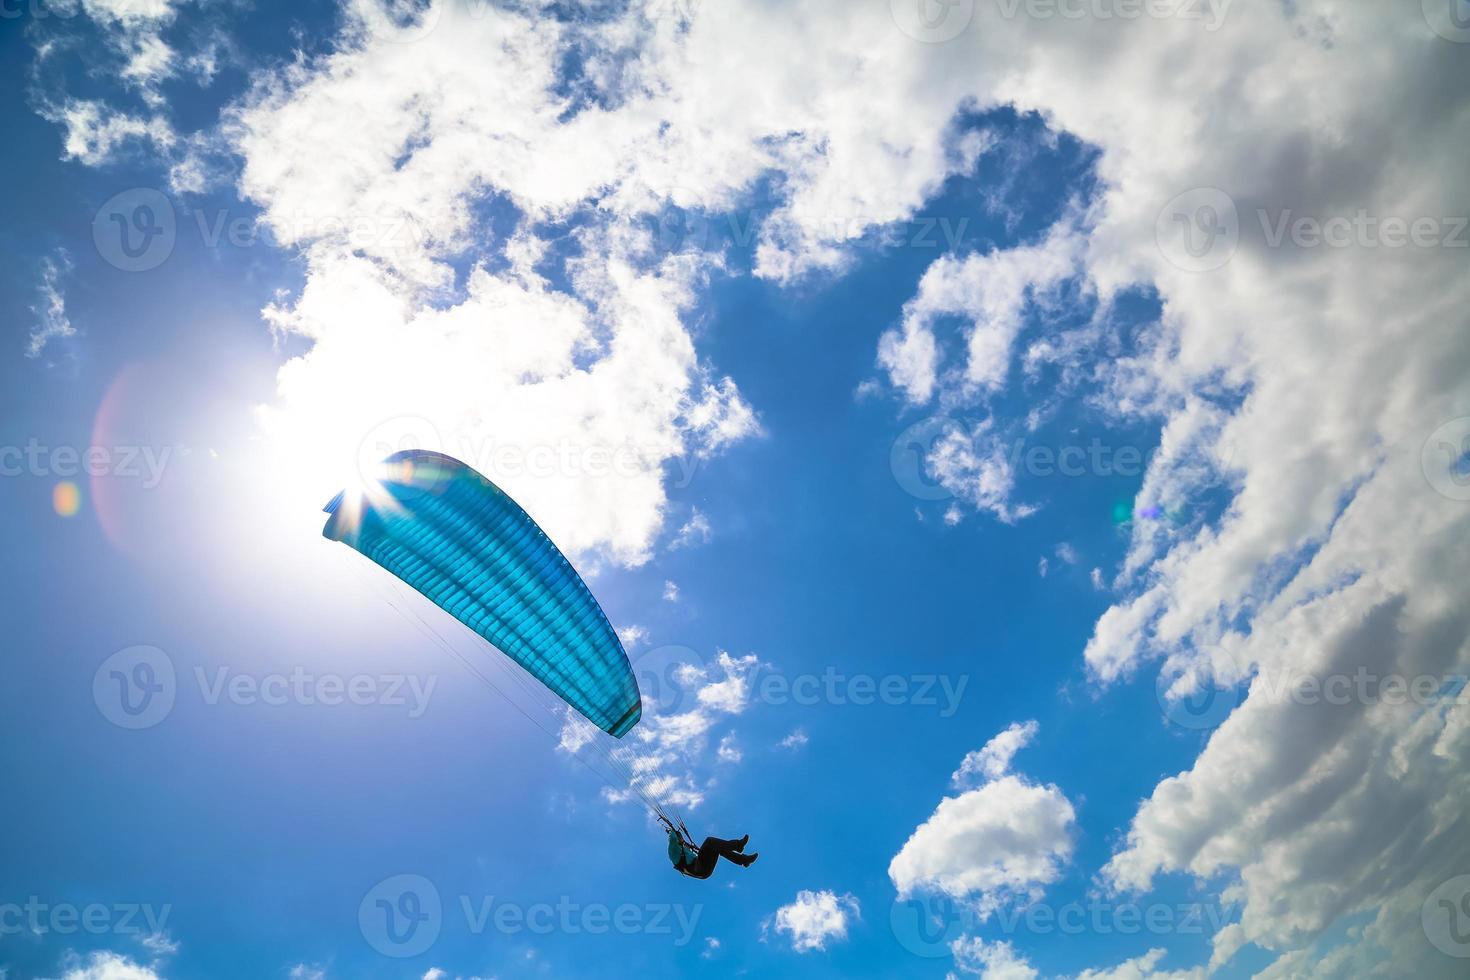 parapente plane dans un ciel bleu ensoleillé photo